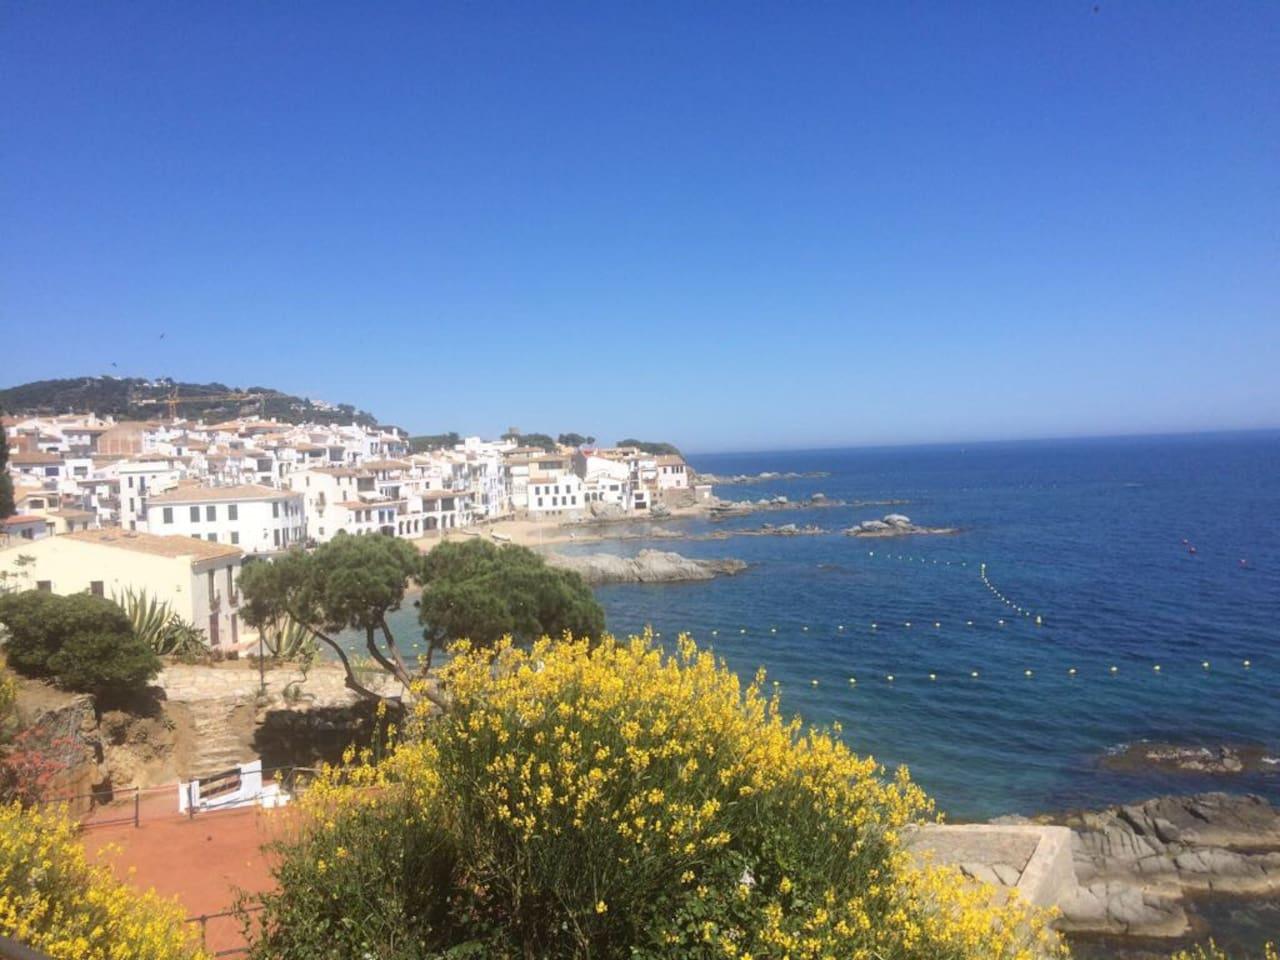 Belle vue sur le village typique de calella de Palafrugell